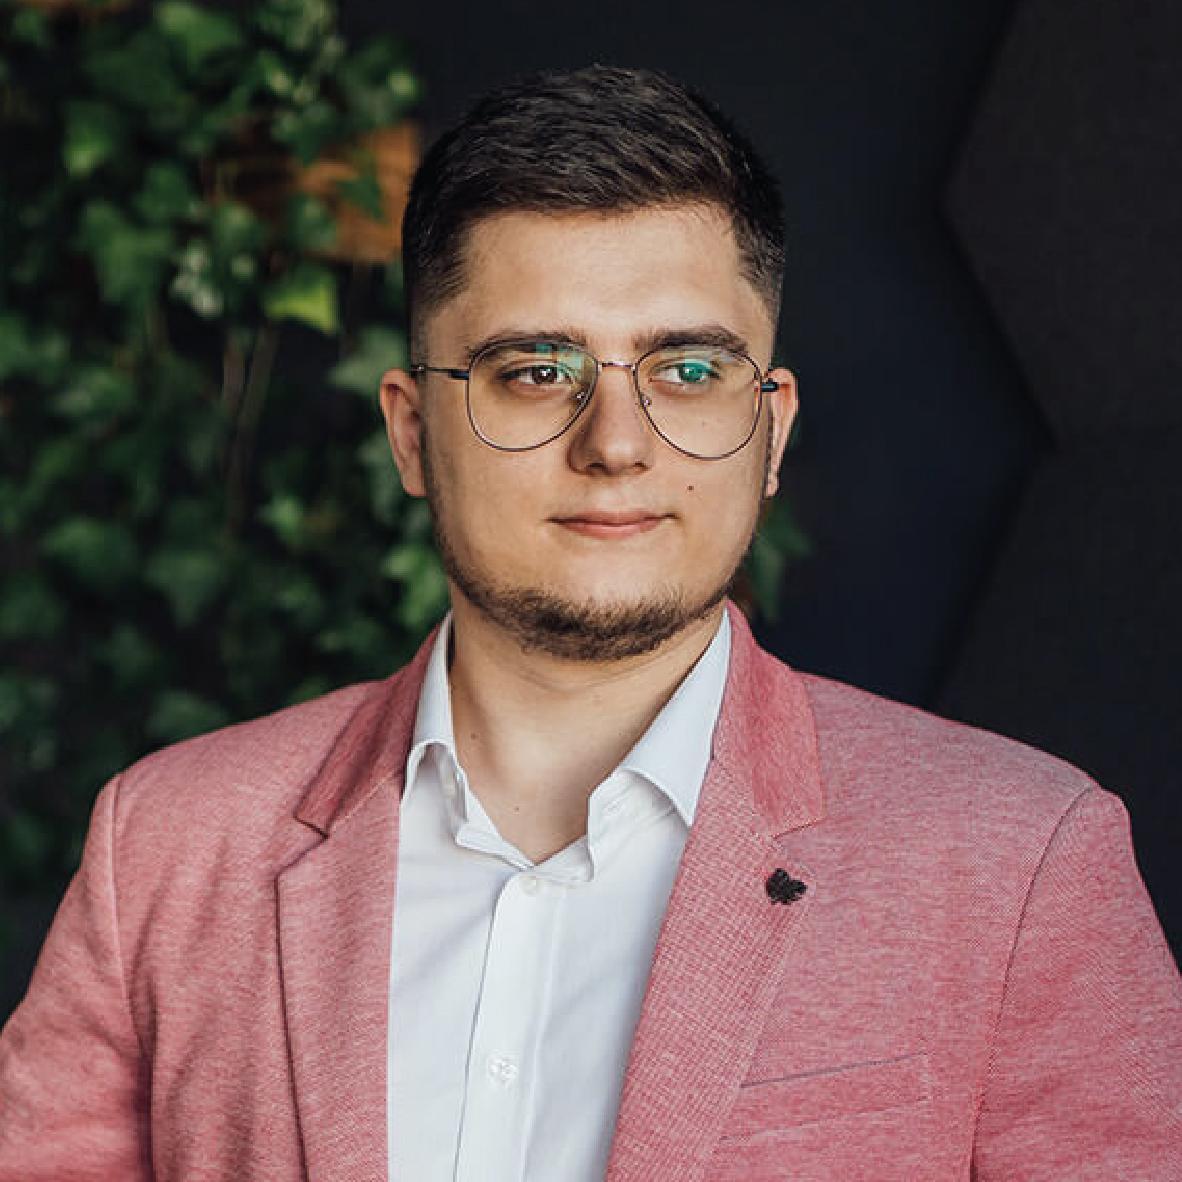 Rafal Jarek